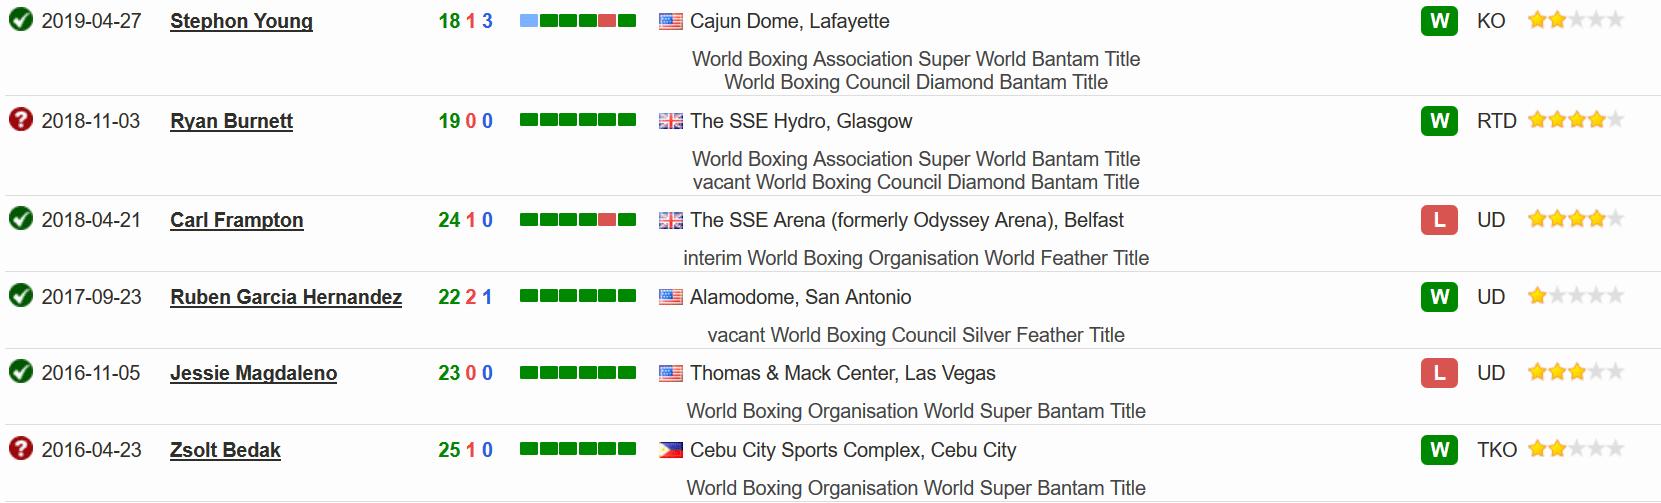 Поеследние 5 боев в боксерской карьере Нонито Донэр